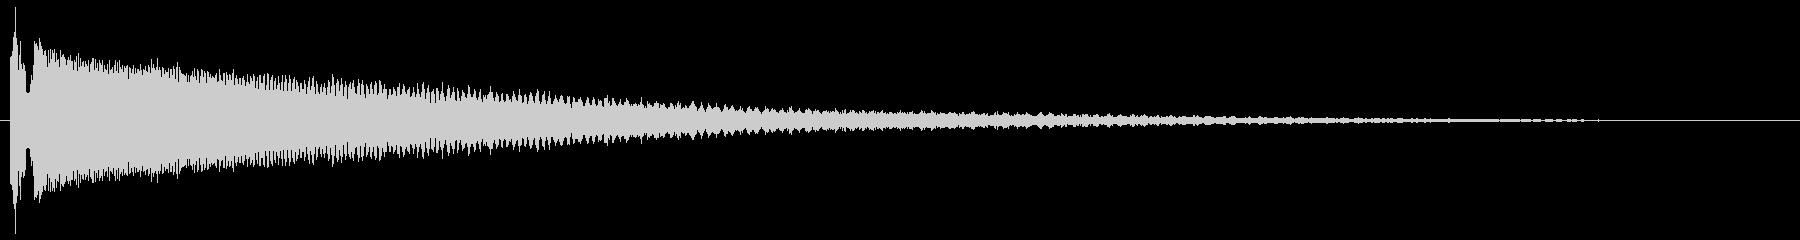 フュイ〜ピロロロロンの未再生の波形